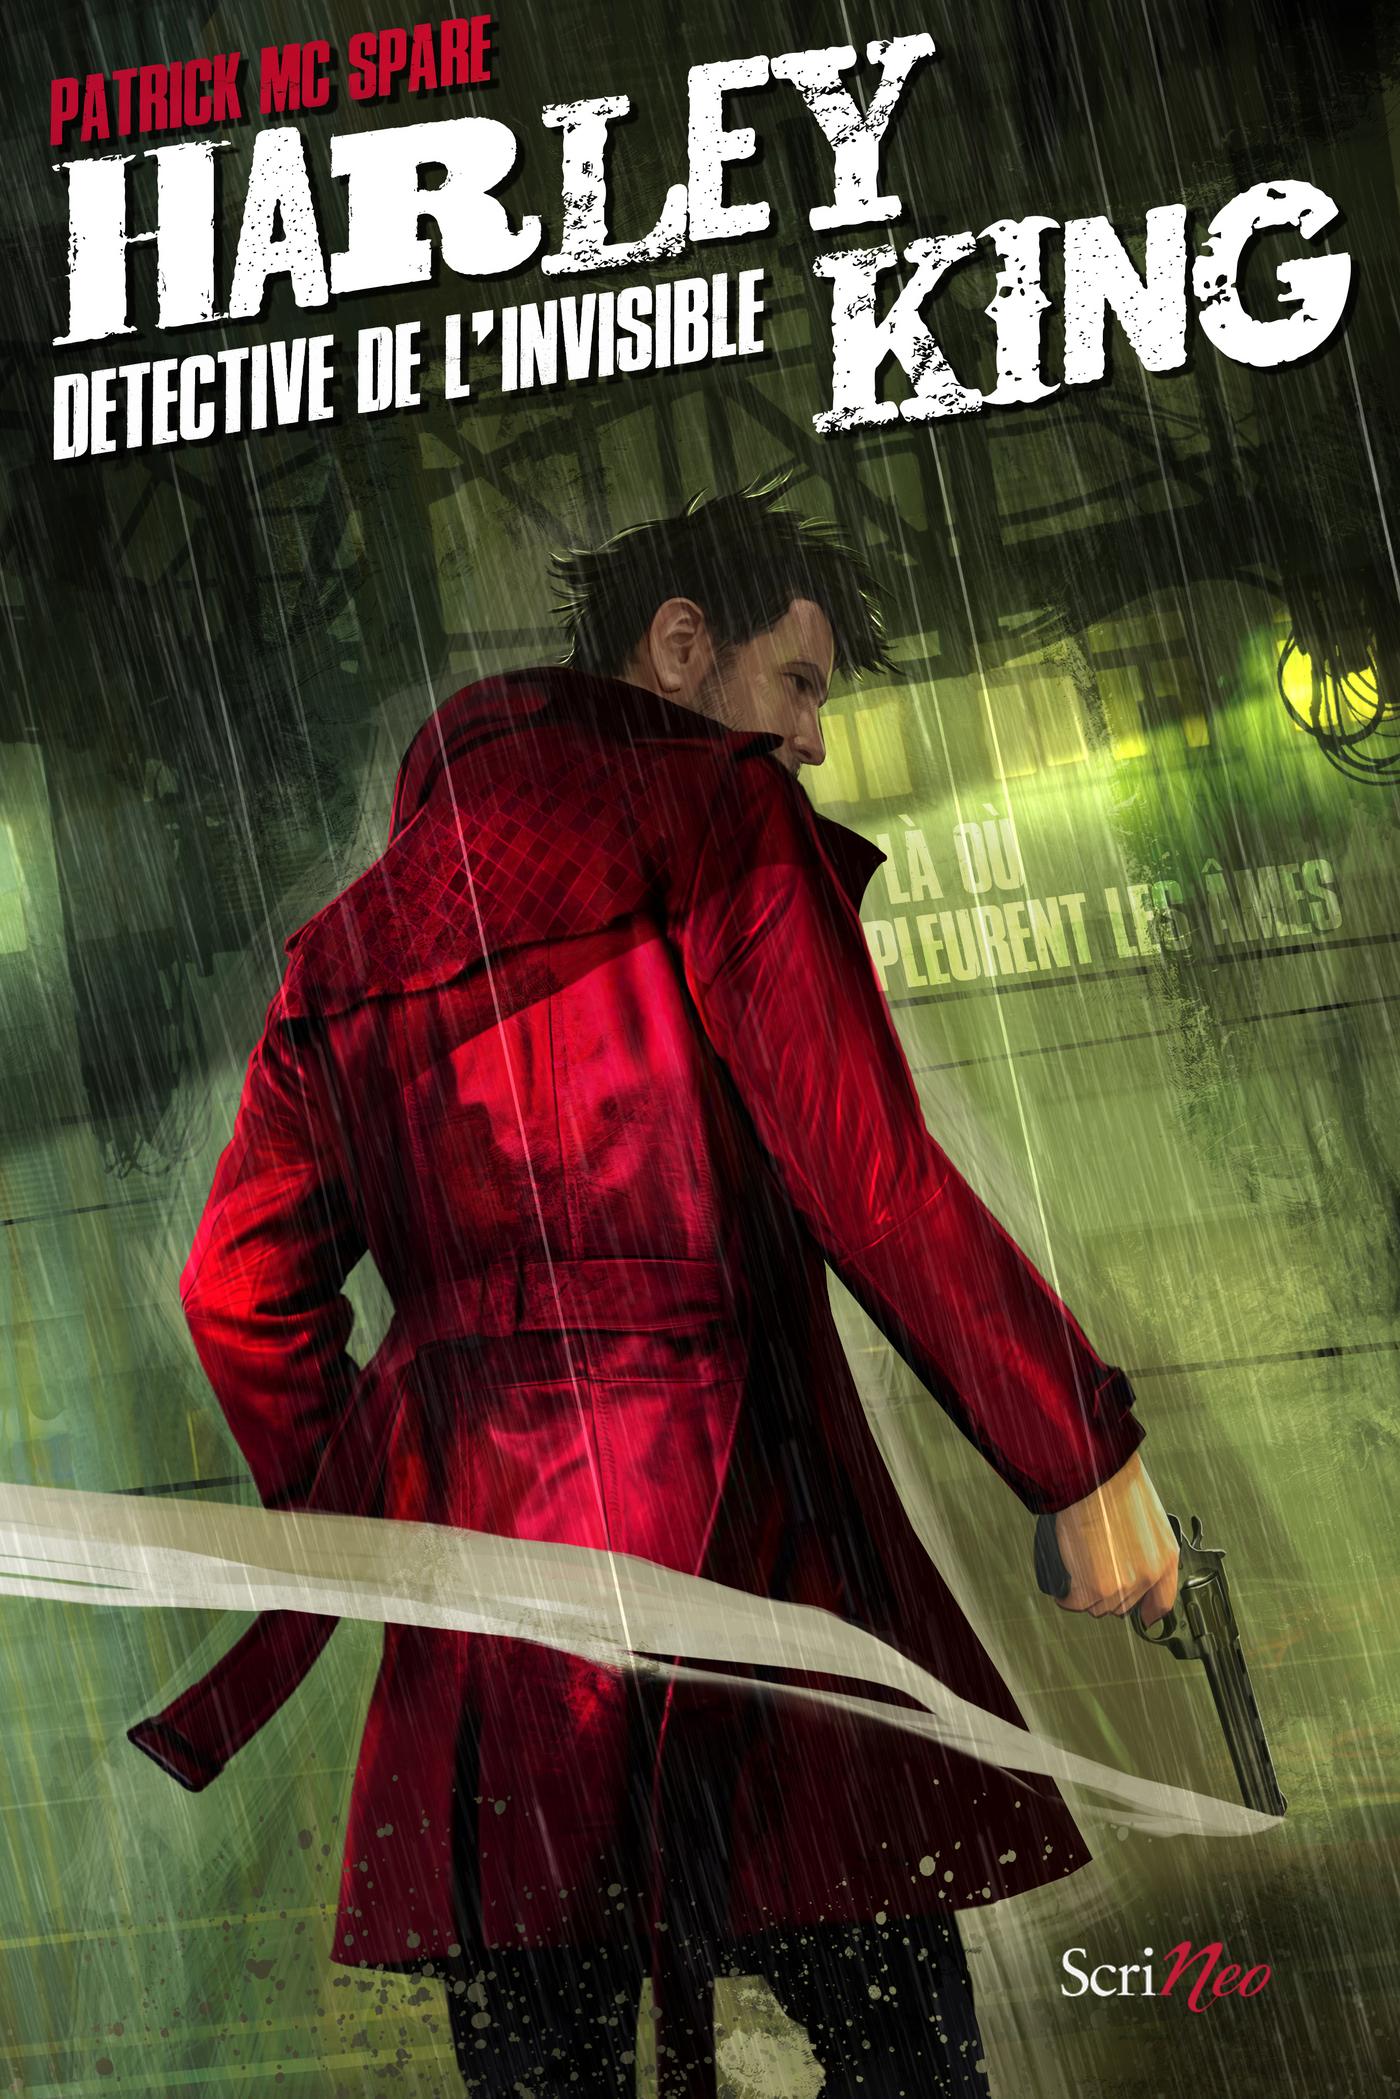 Harley King détective de l'invisible - Là où pleurent les âmes